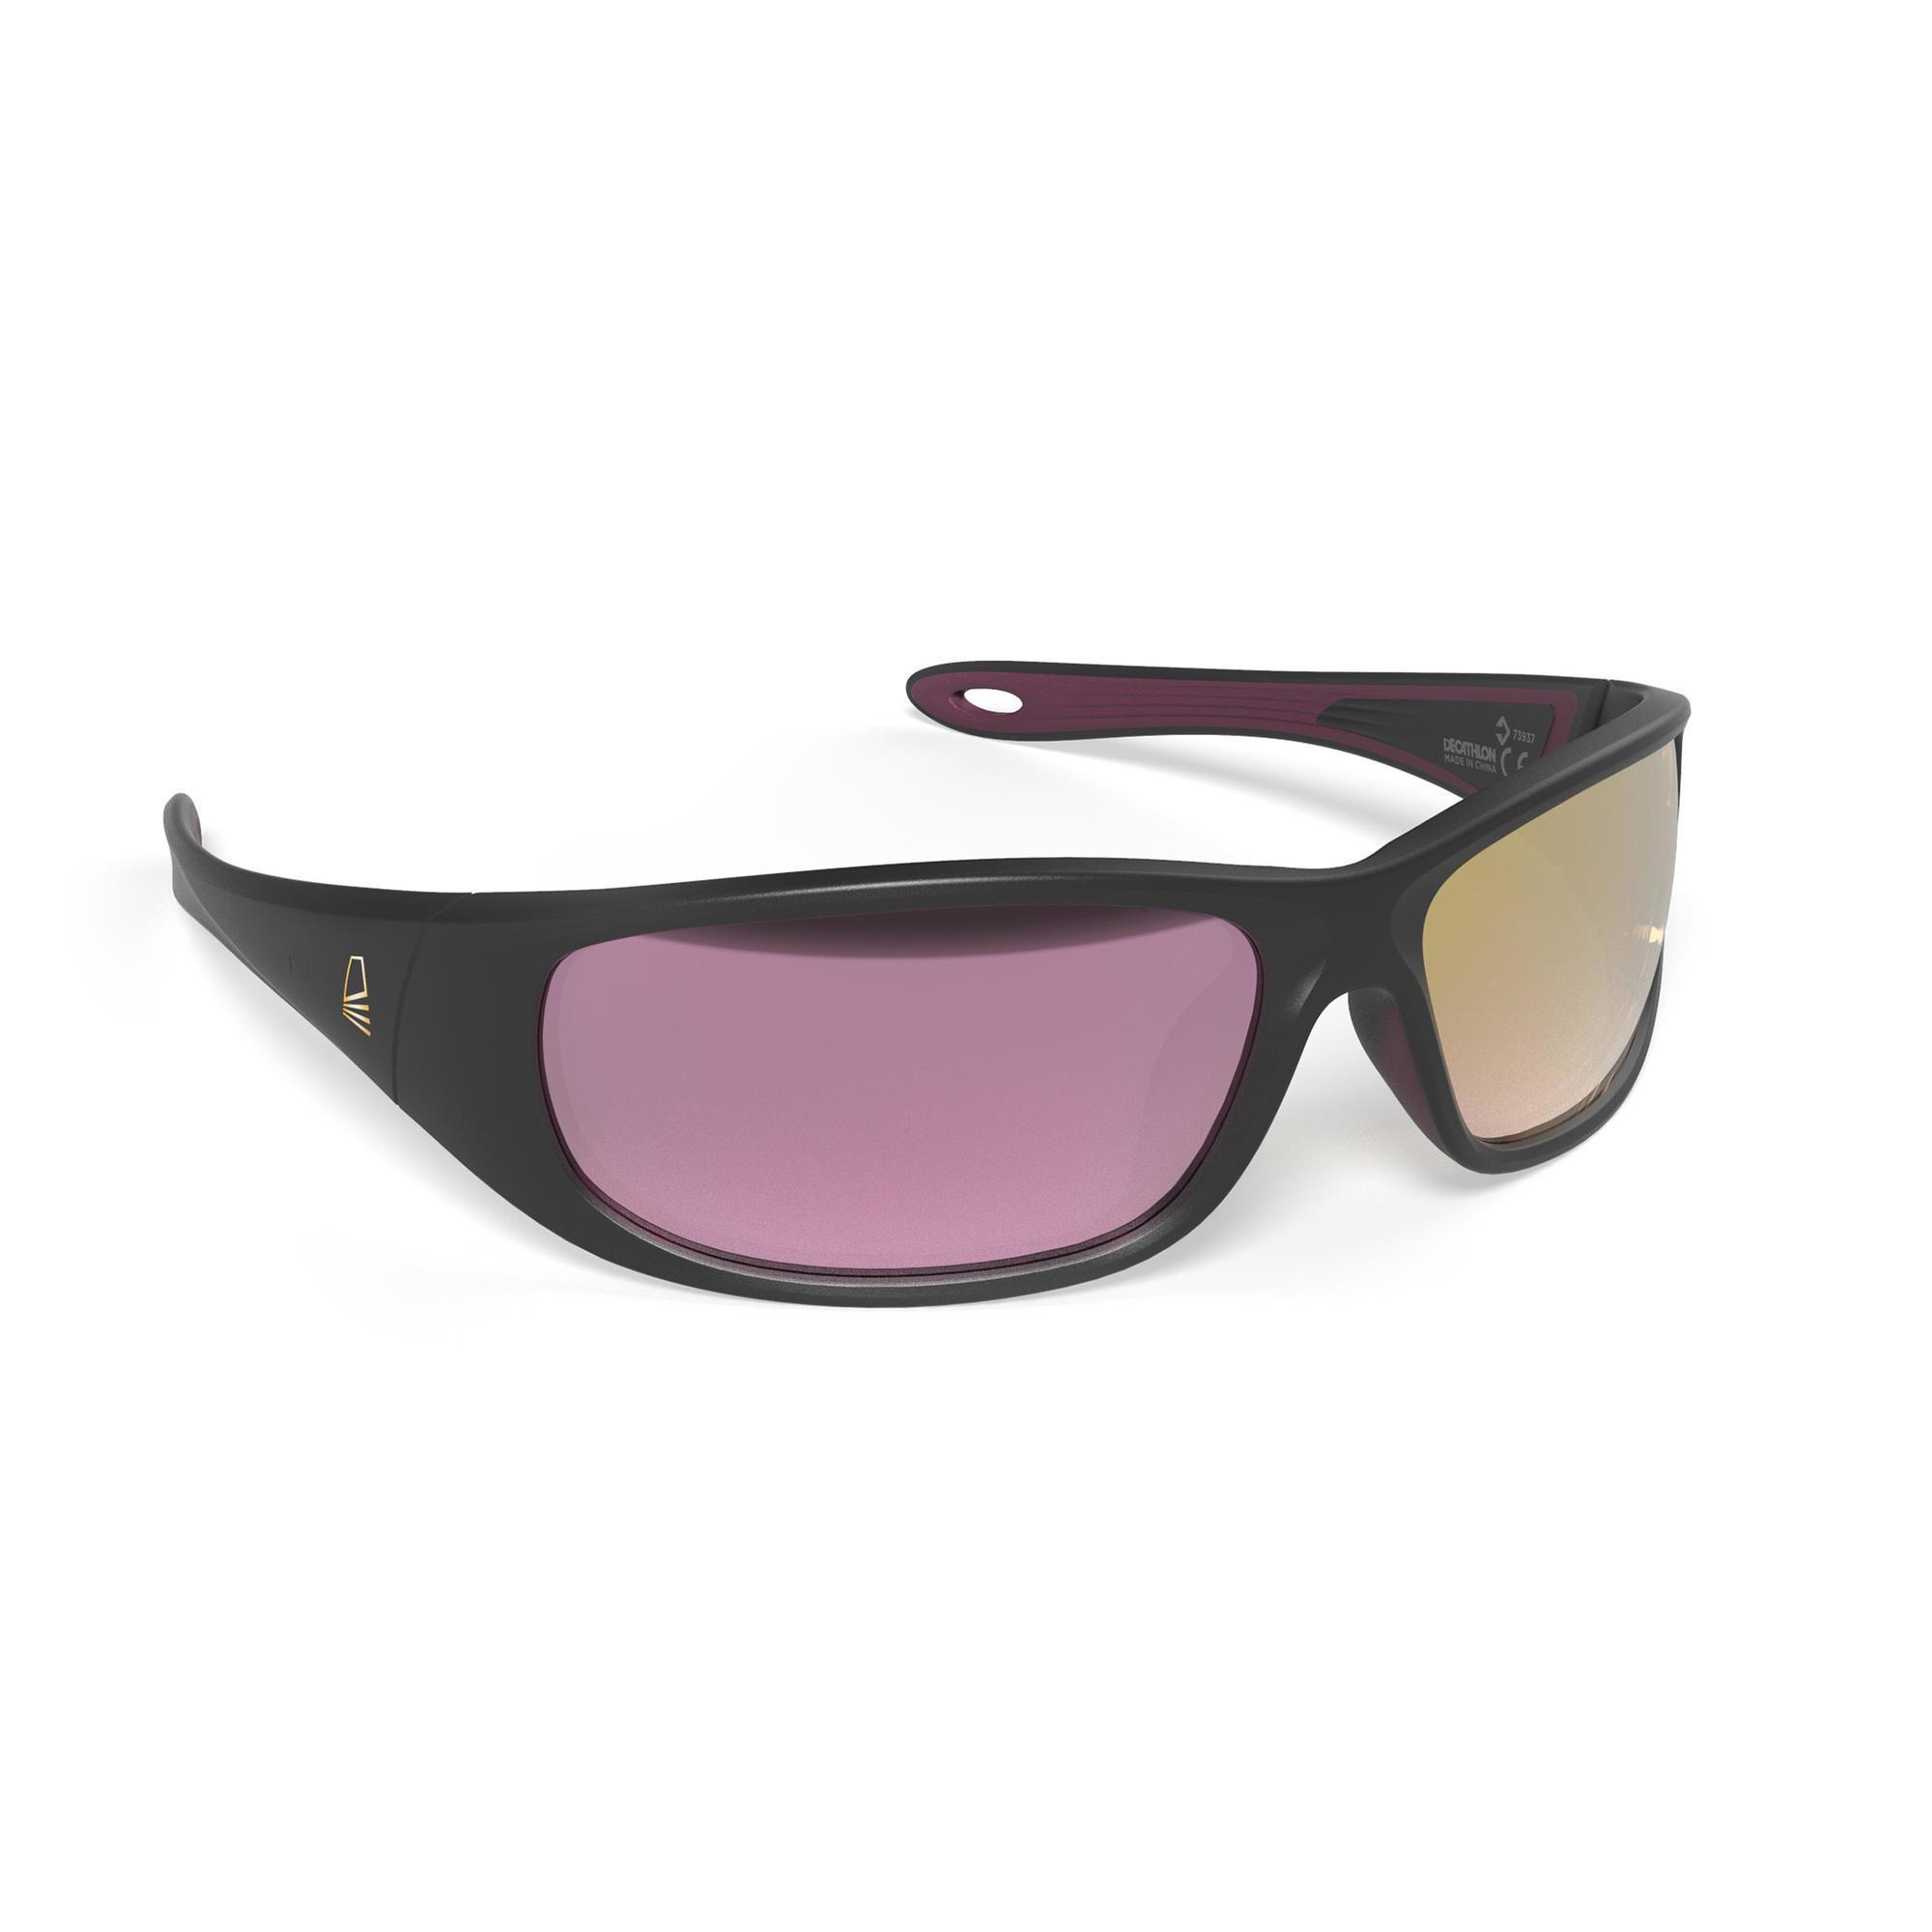 ba0a48f661 Gafas de Sol Polarizadas Barco Vela Tribord Sailing 900 Adulto Blanco  Tribord | Decathlon